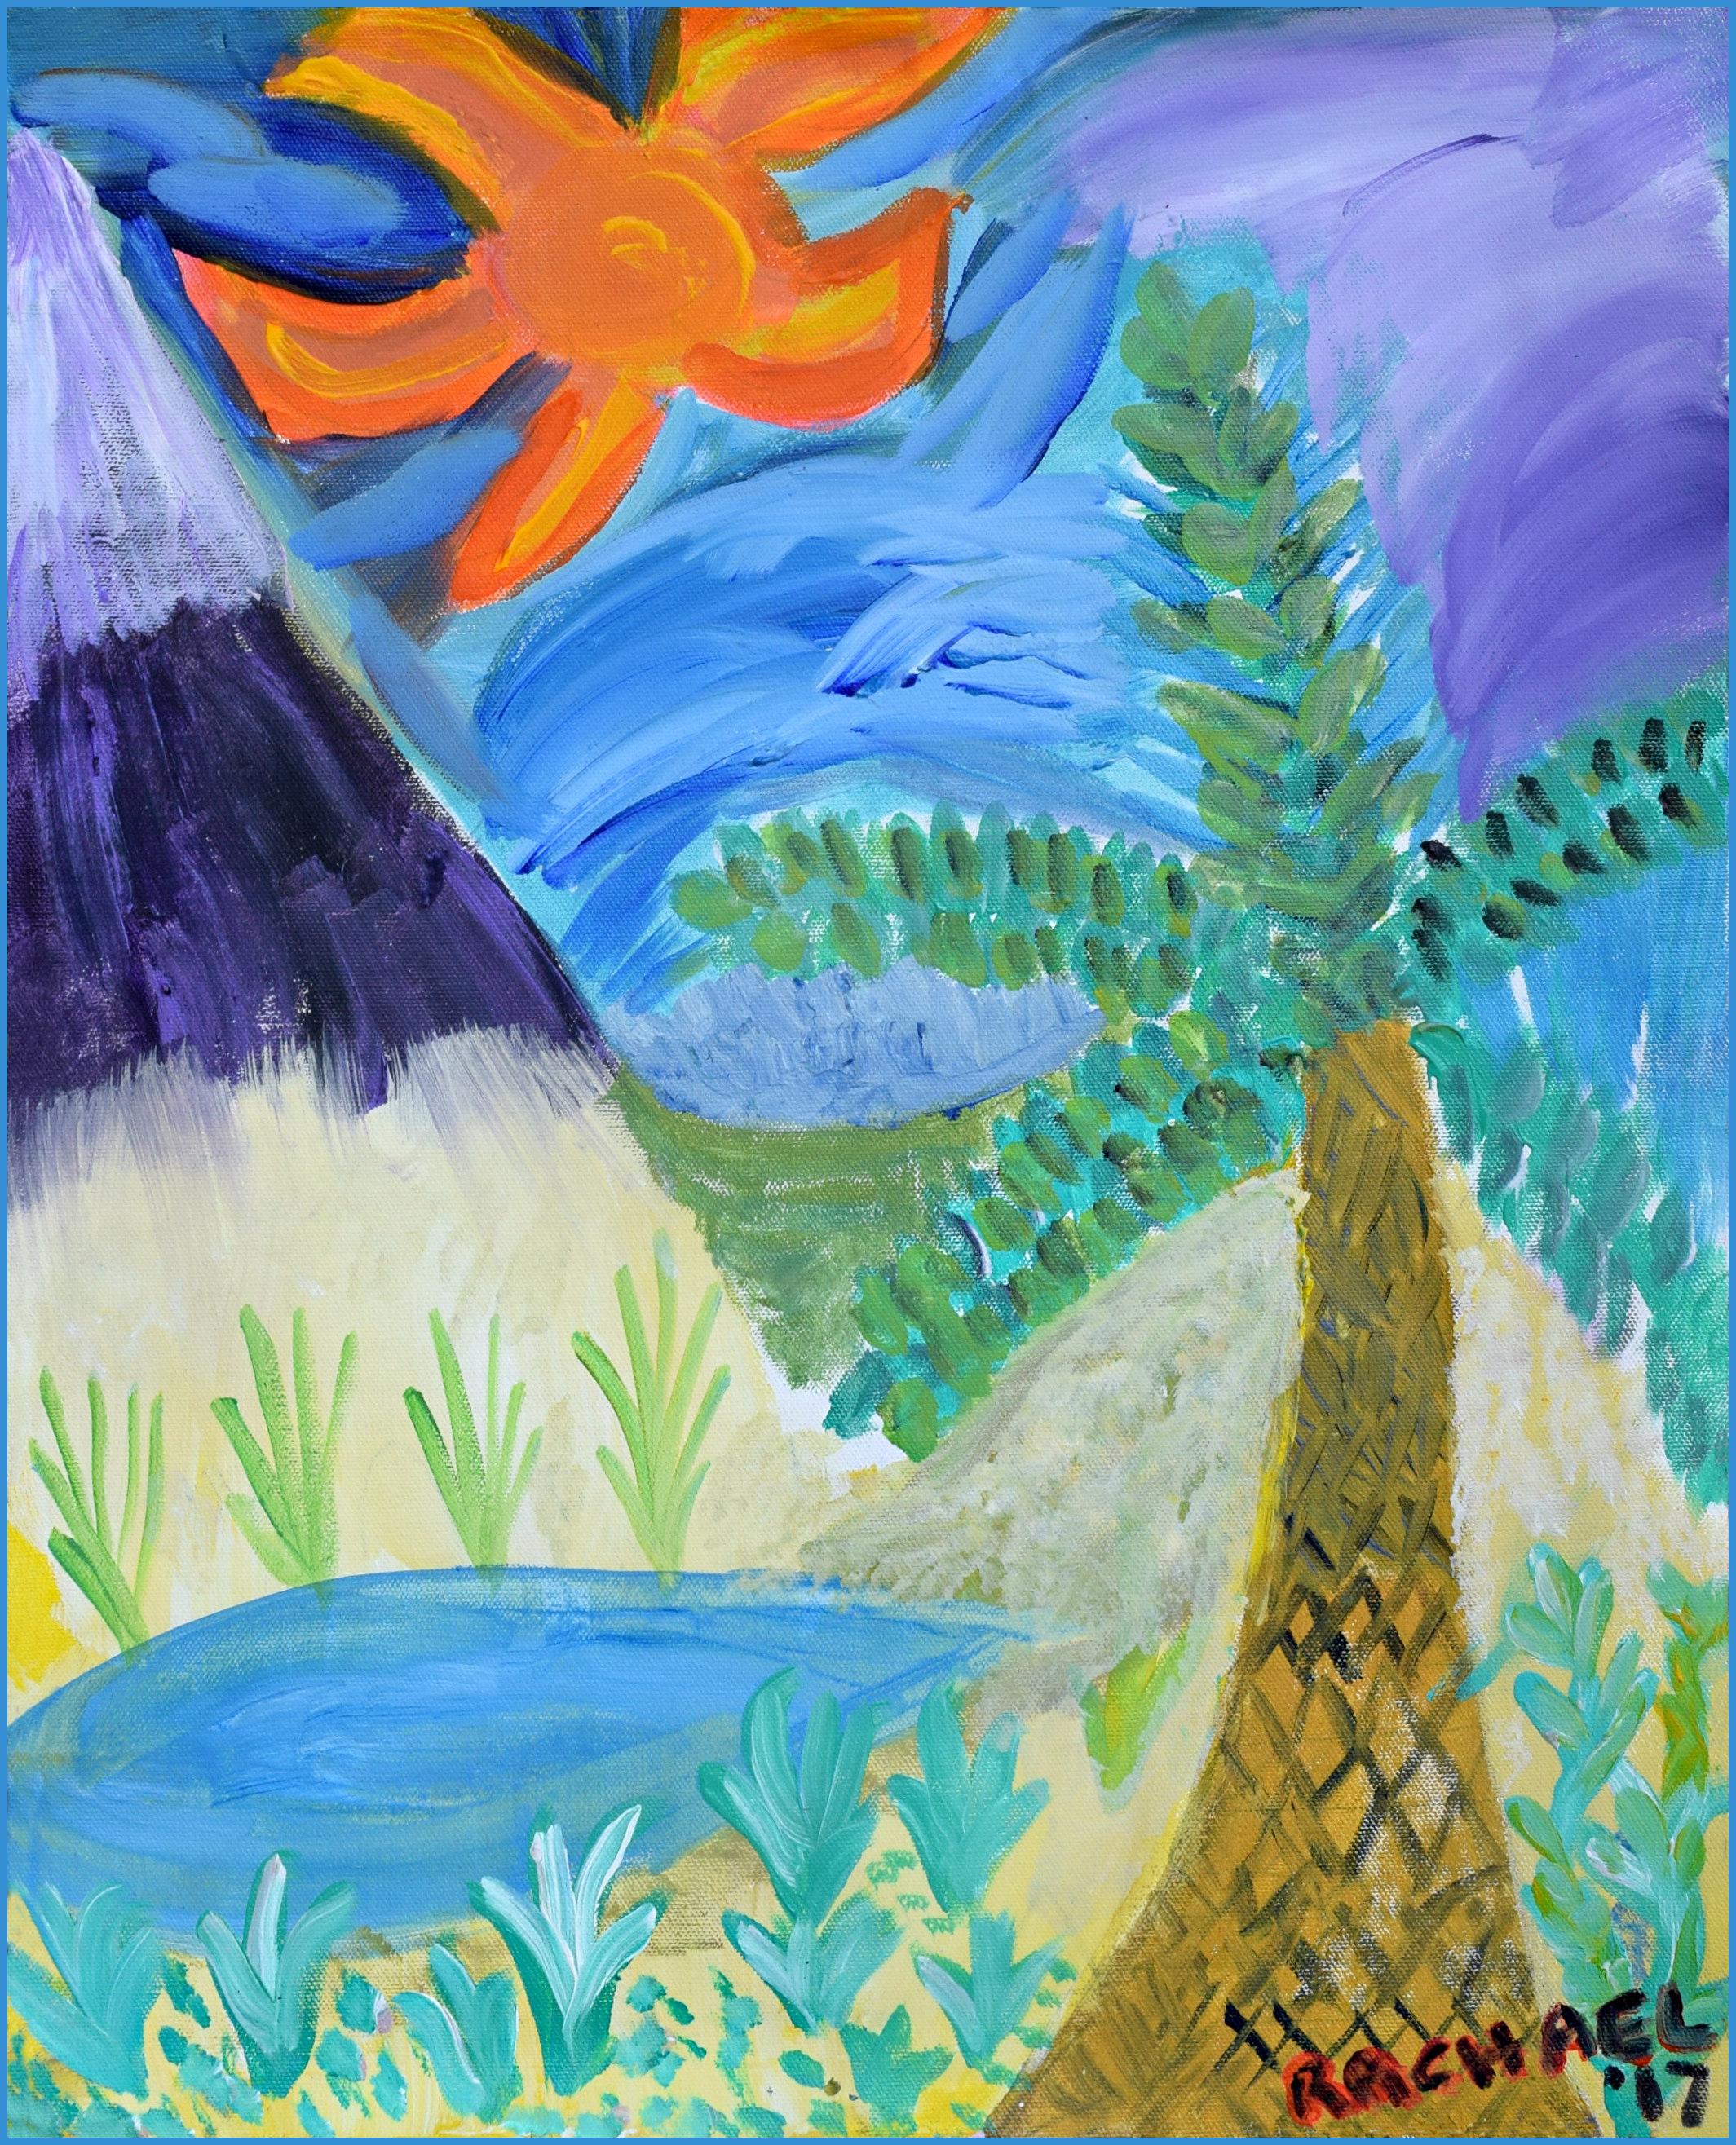 Tropical Island Rachael Alhassan 2017 Acrylic on canvas NFS, print $45